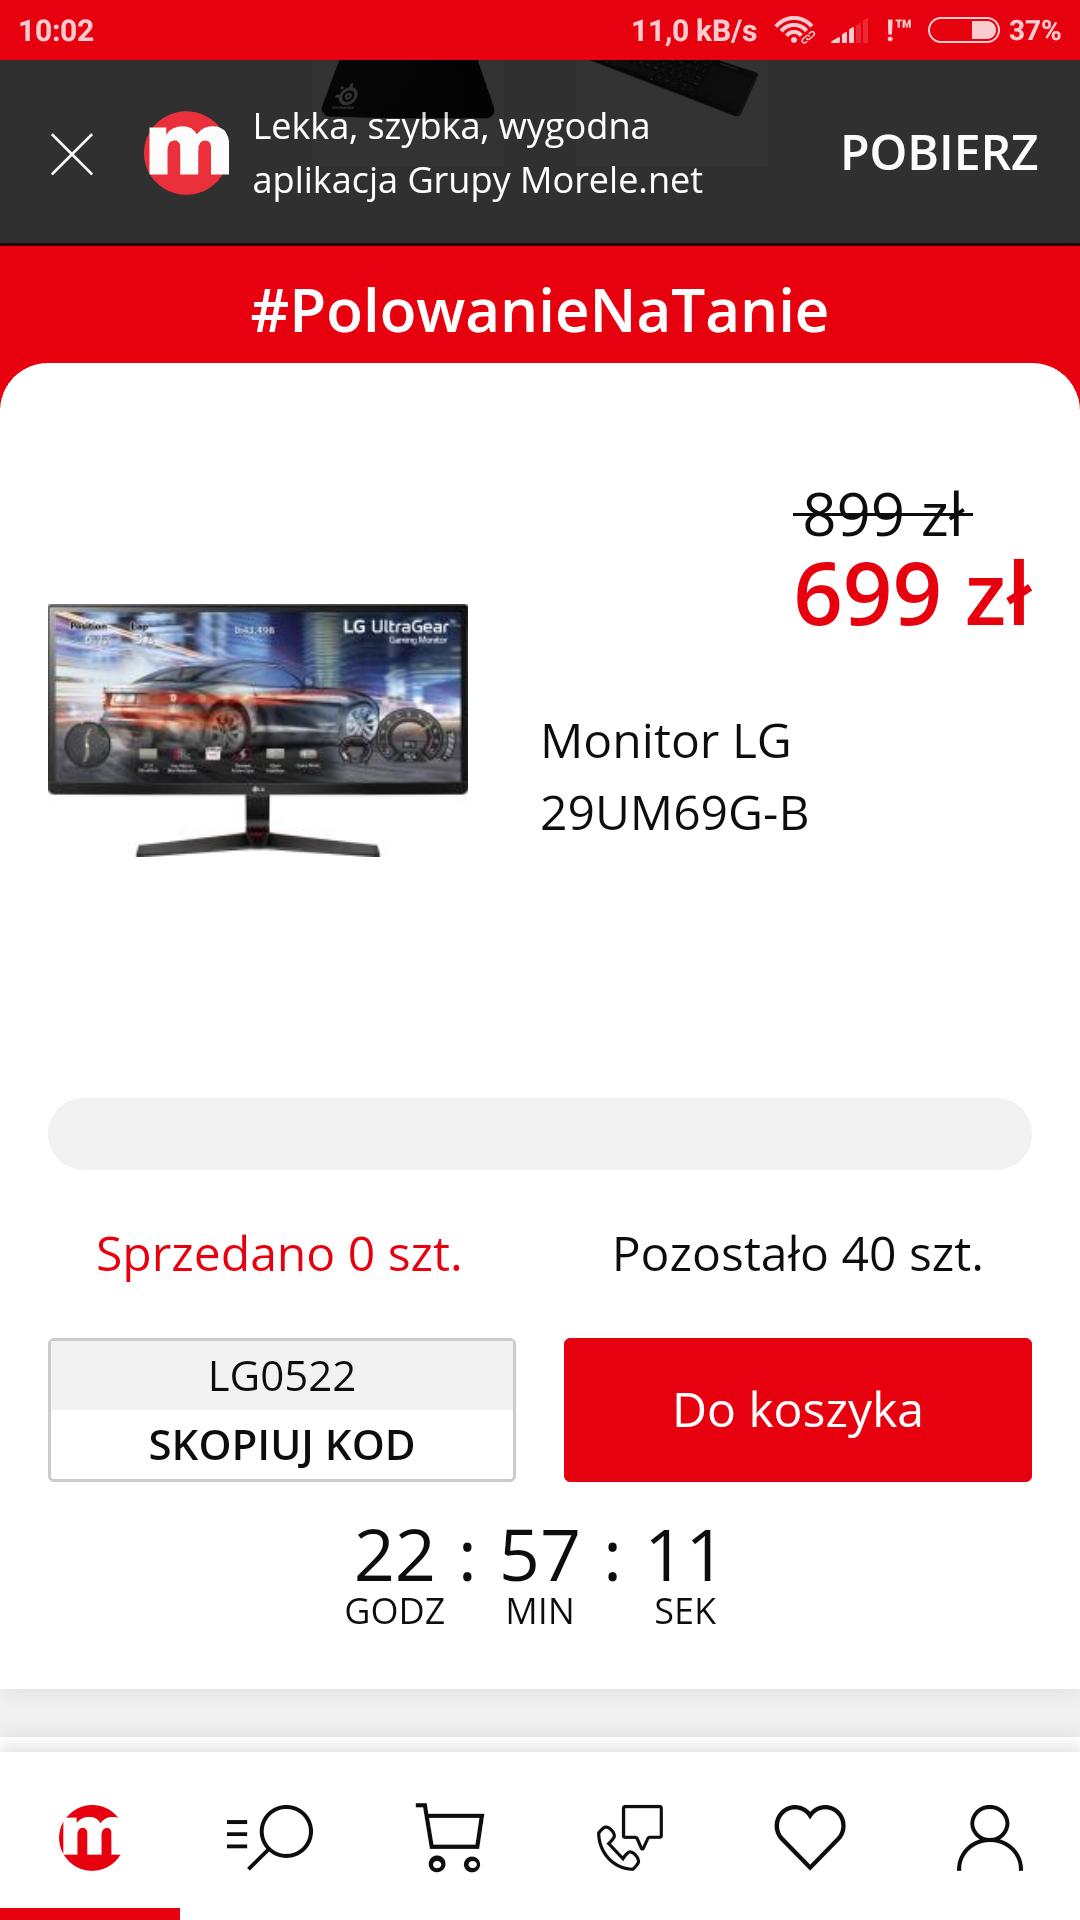 Monitor LG 29UM69G-B